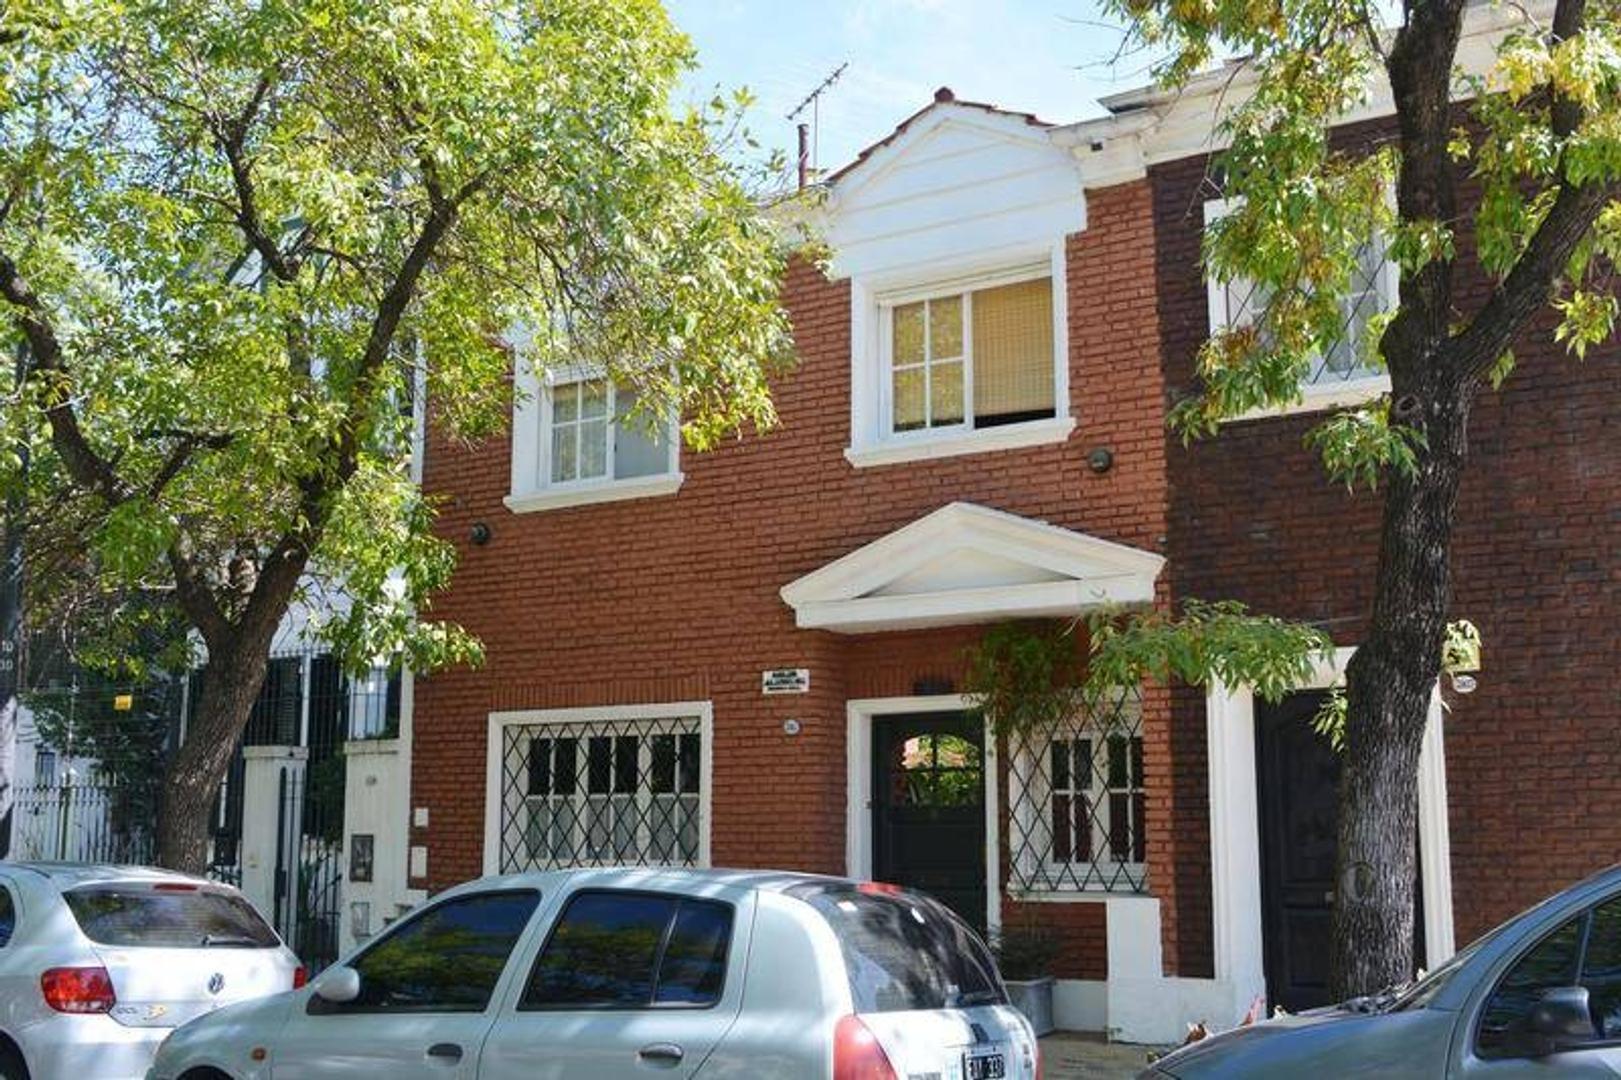 Casa en propiedad horizontal con acceso independiente!